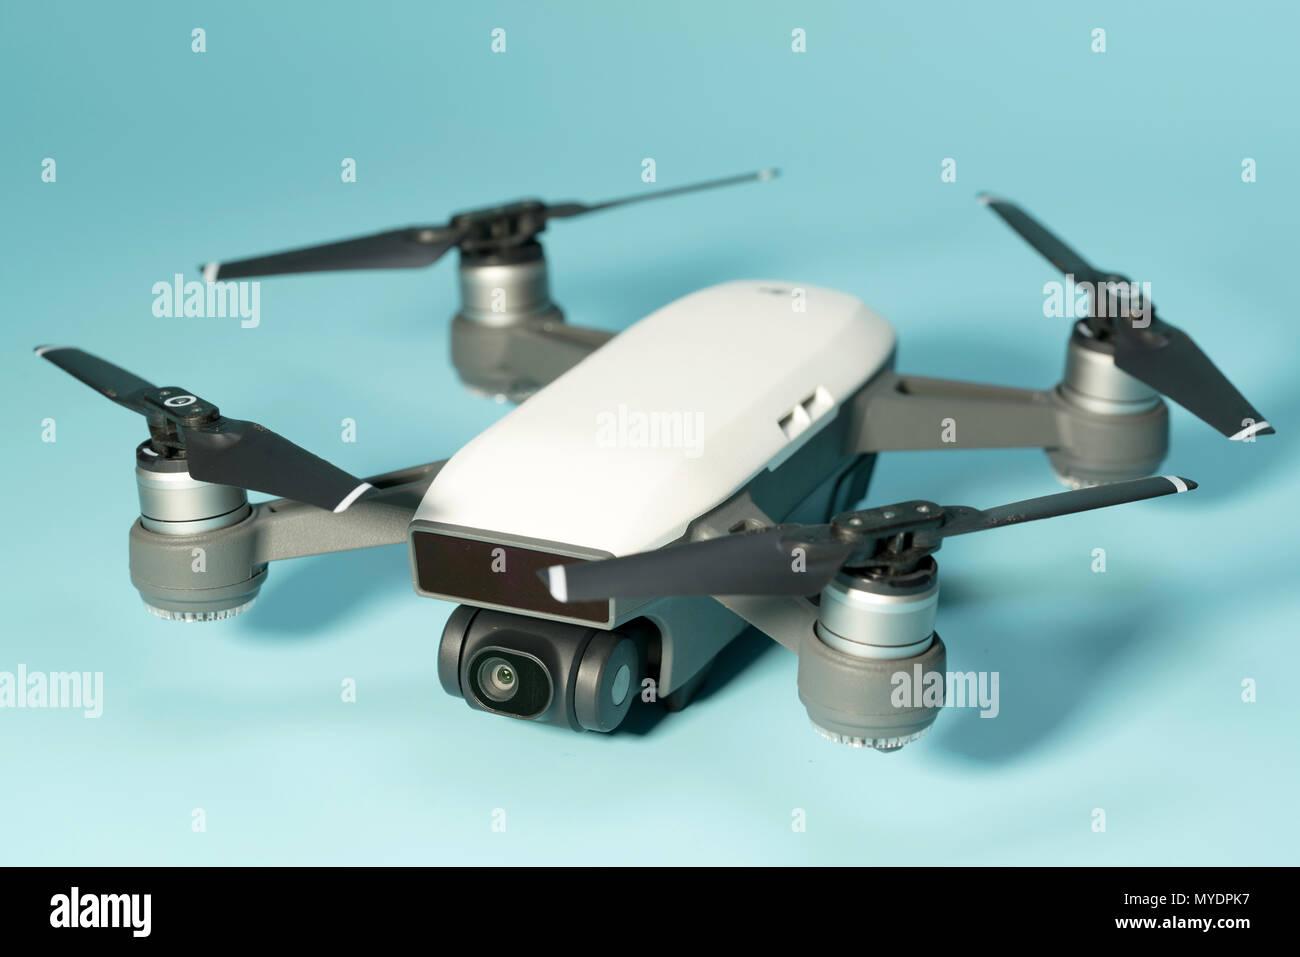 Quadcopter Drone Stock Photos & Quadcopter Drone Stock Images - Alamy